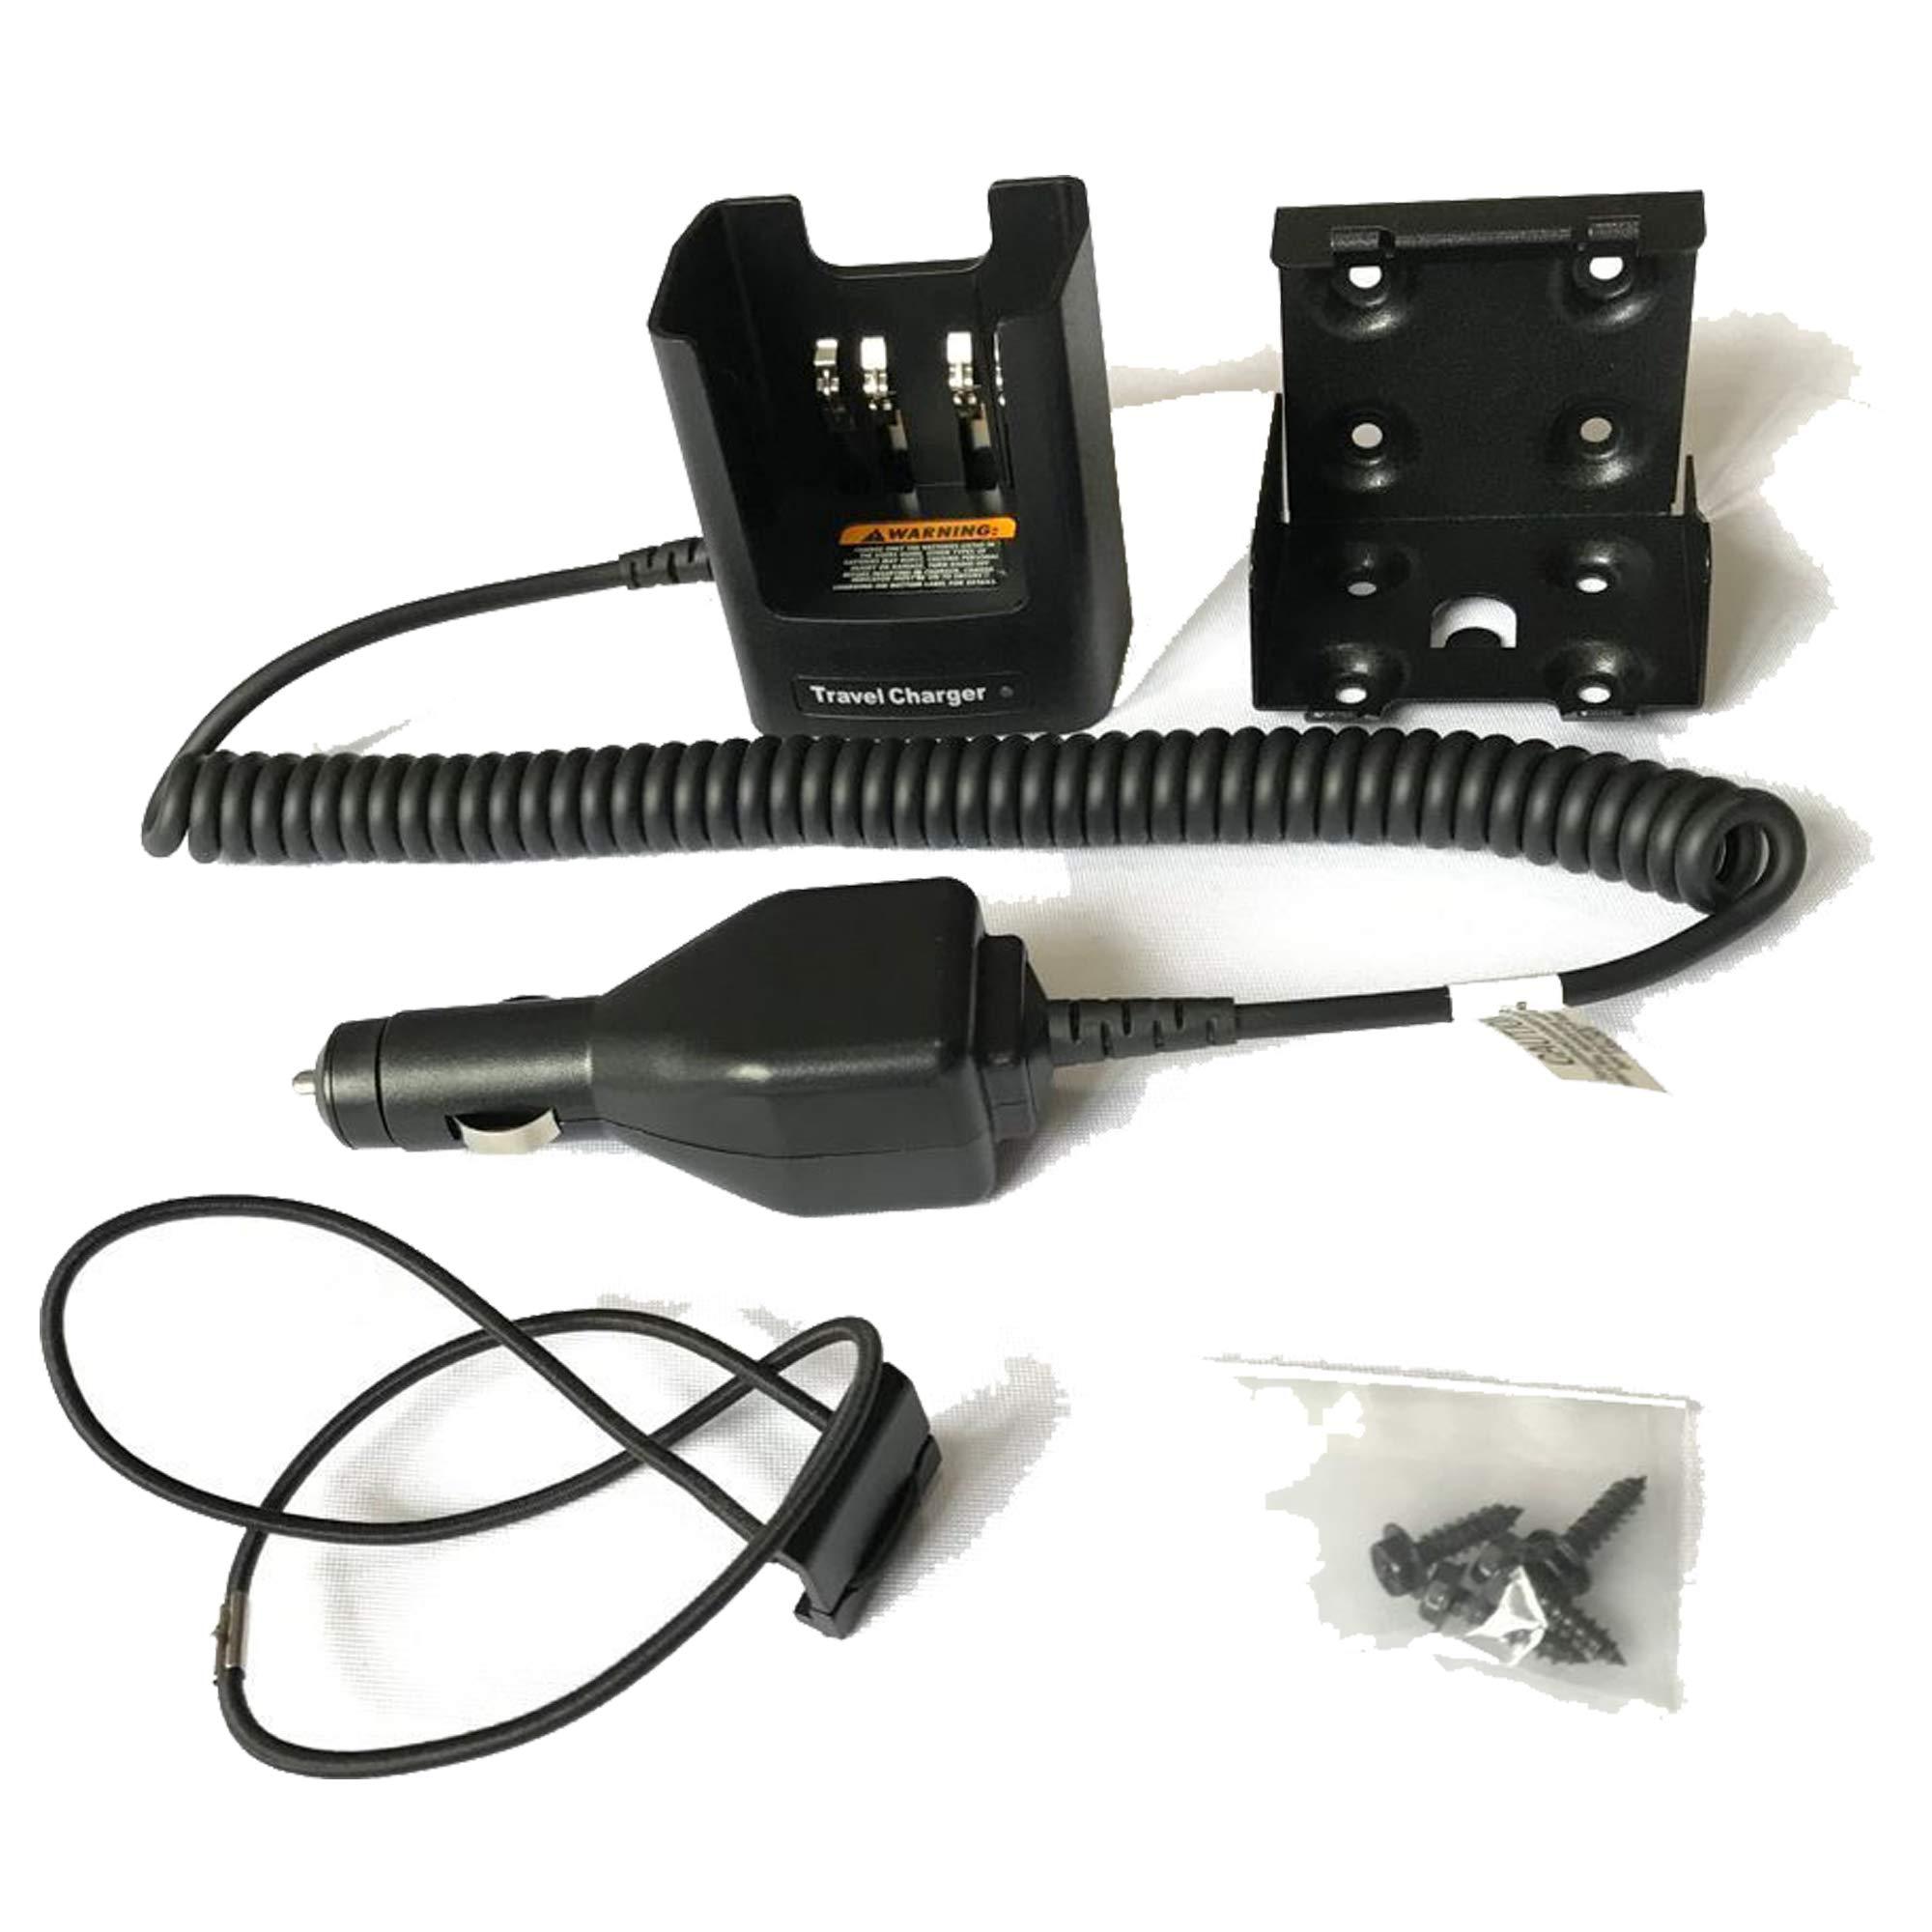 BLVL RLN4884 Travel Car Charger for Motorola XTS5000 XTS3500 XTS3000 XTS2500 XTS2250 Radio